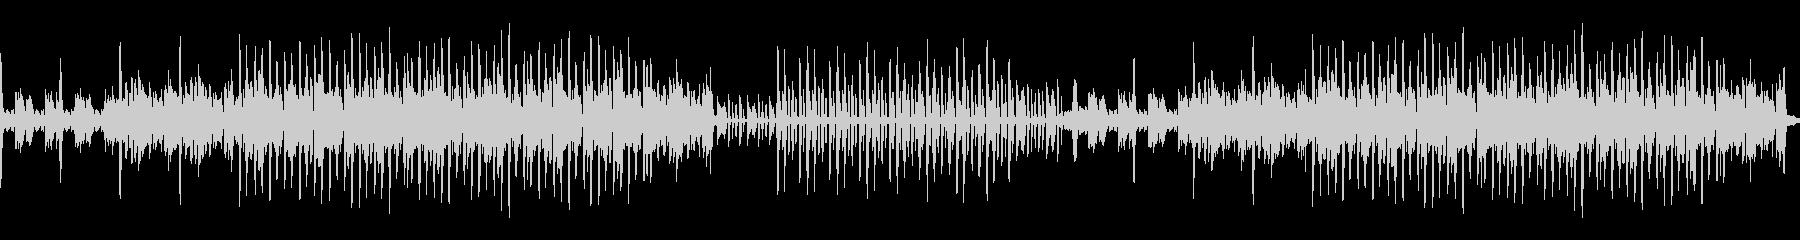 シンプルでダークなエレクトロニカ系BGMの未再生の波形